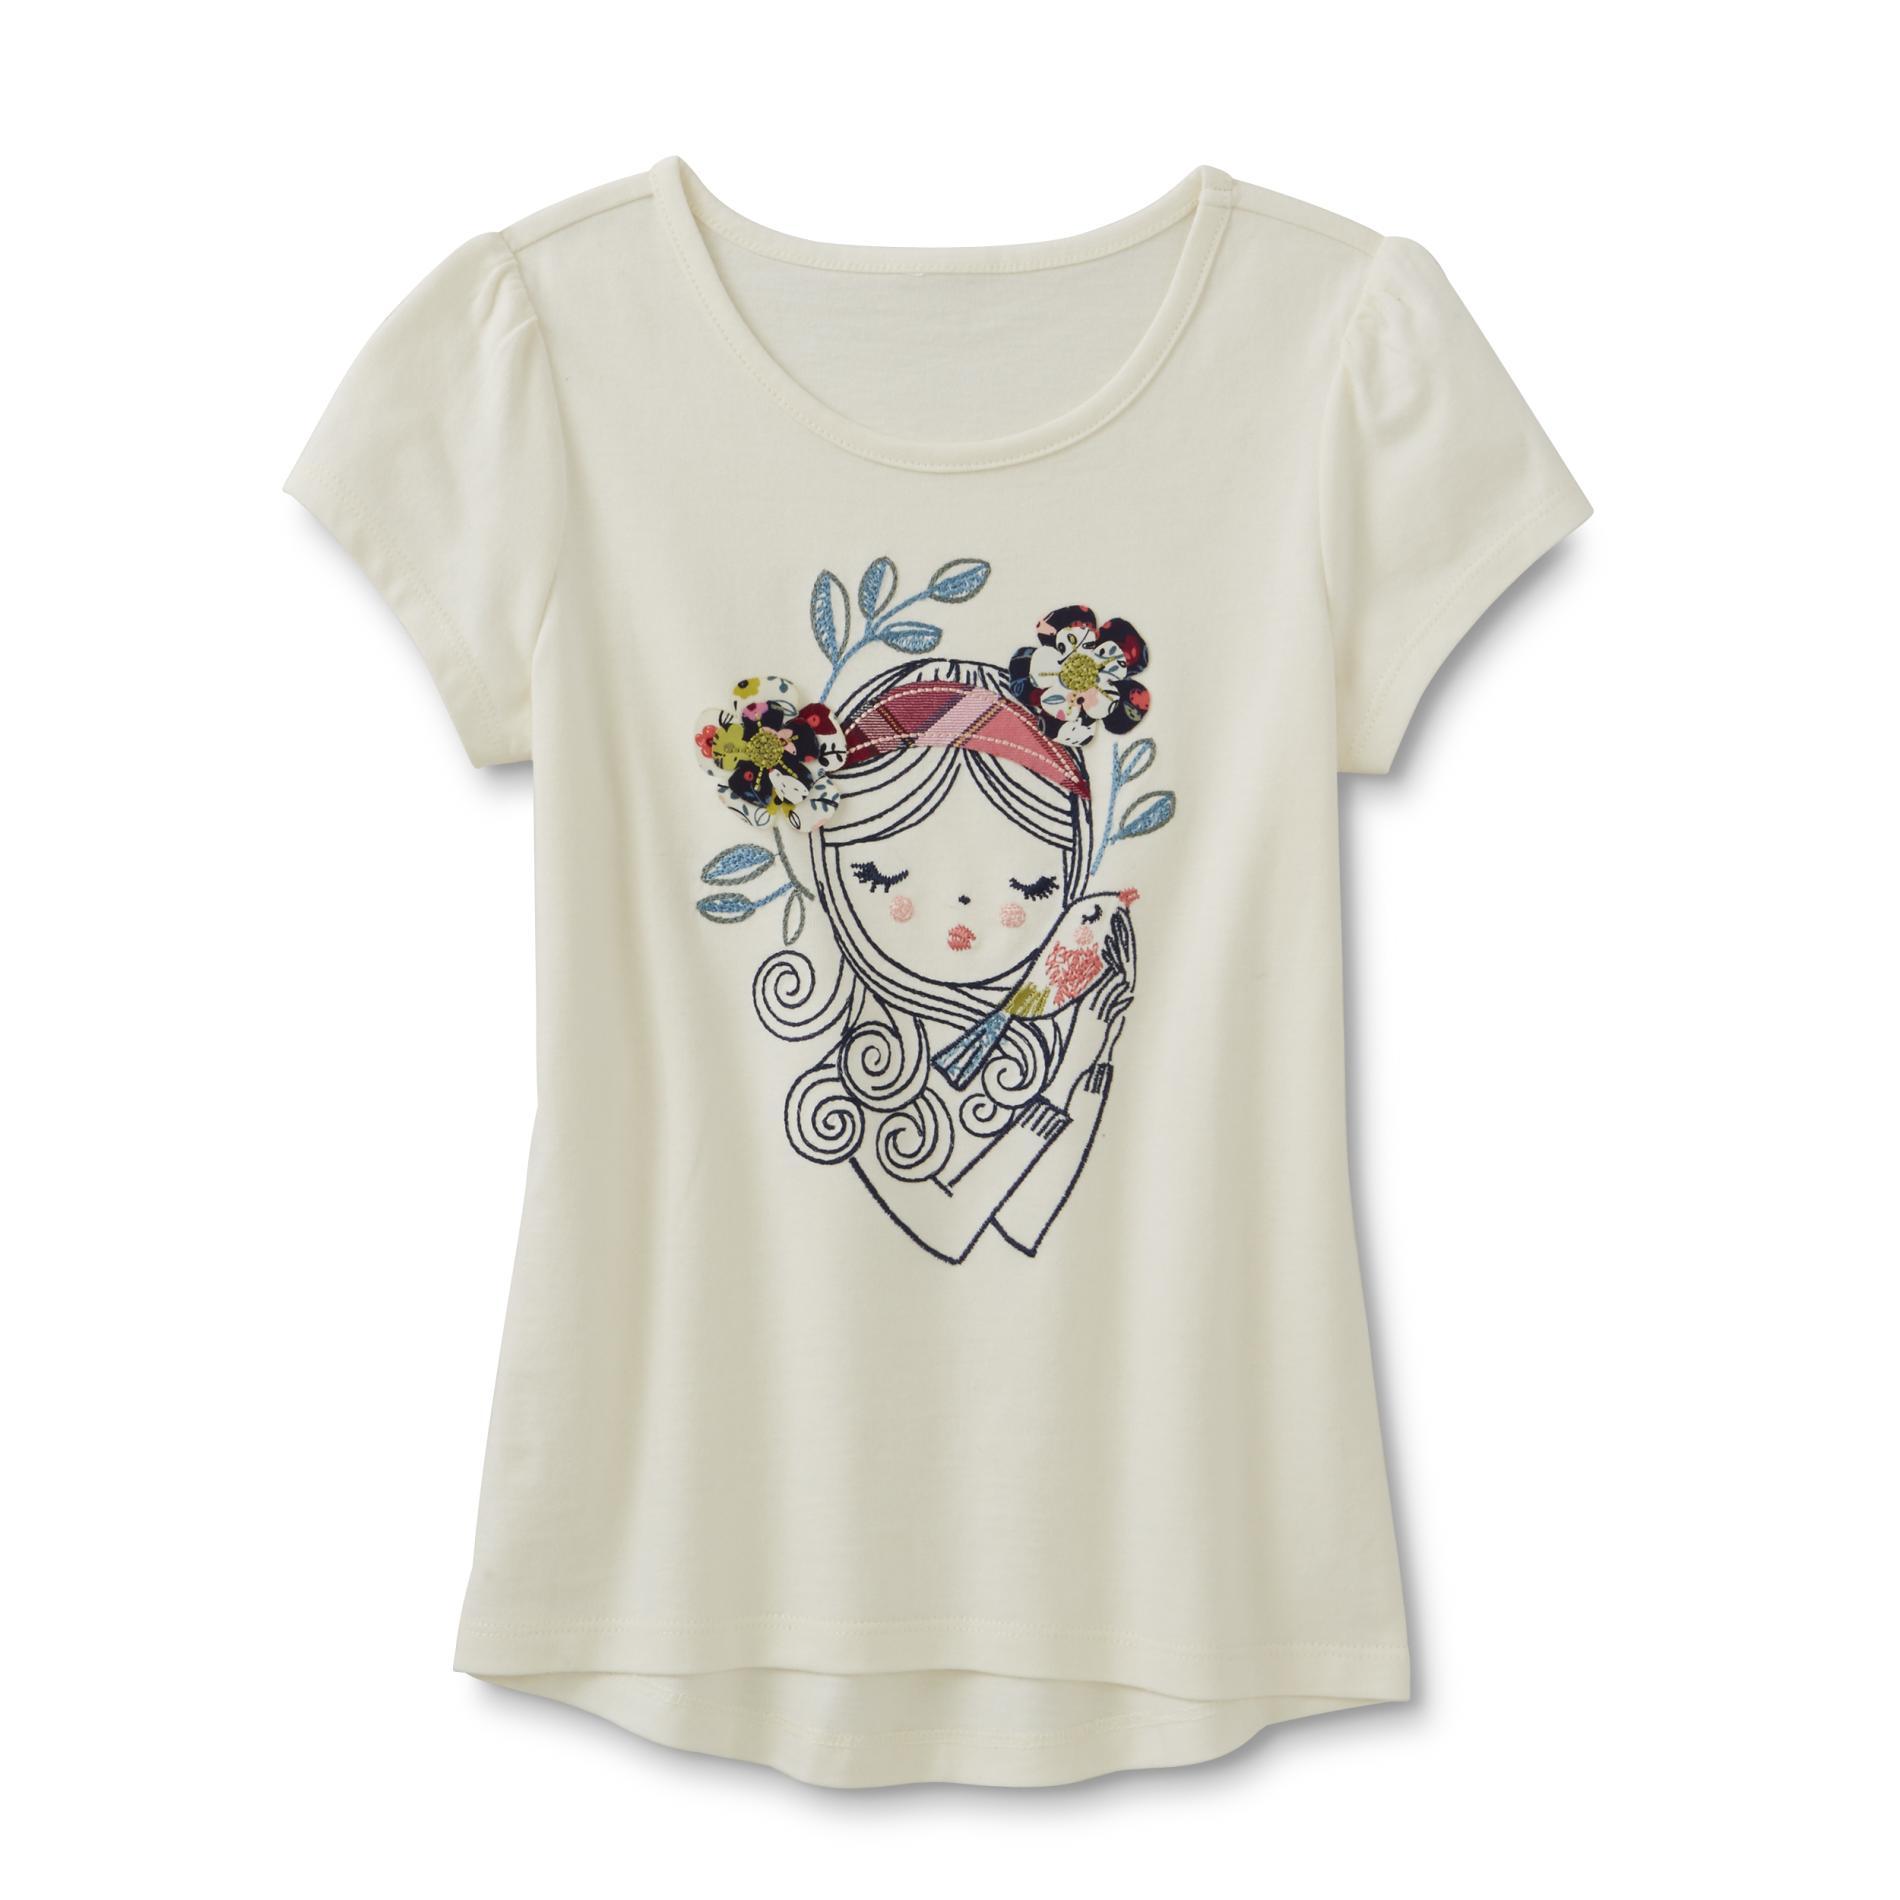 Girl's Embellished T-Shirt - Free Spirit